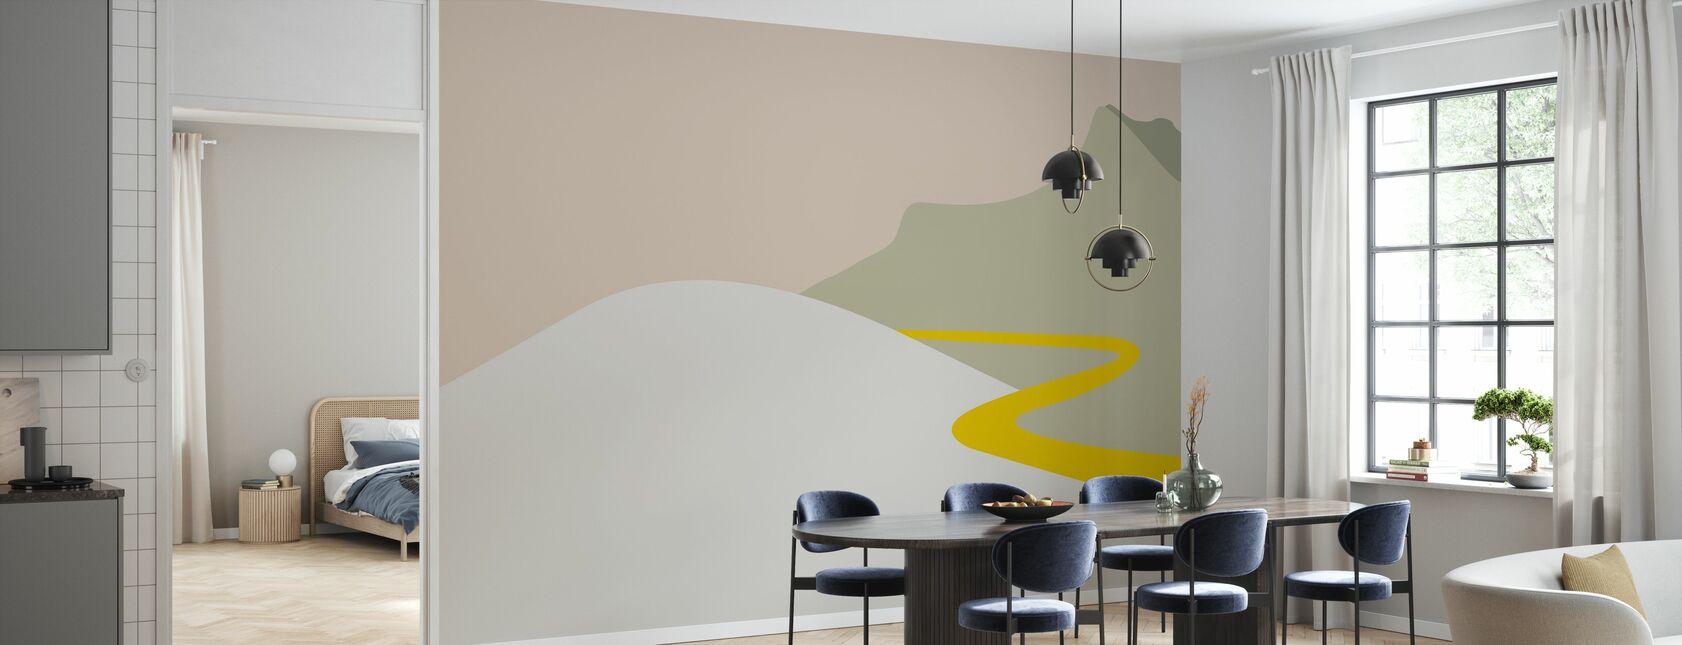 I travel - Wallpaper - Kitchen